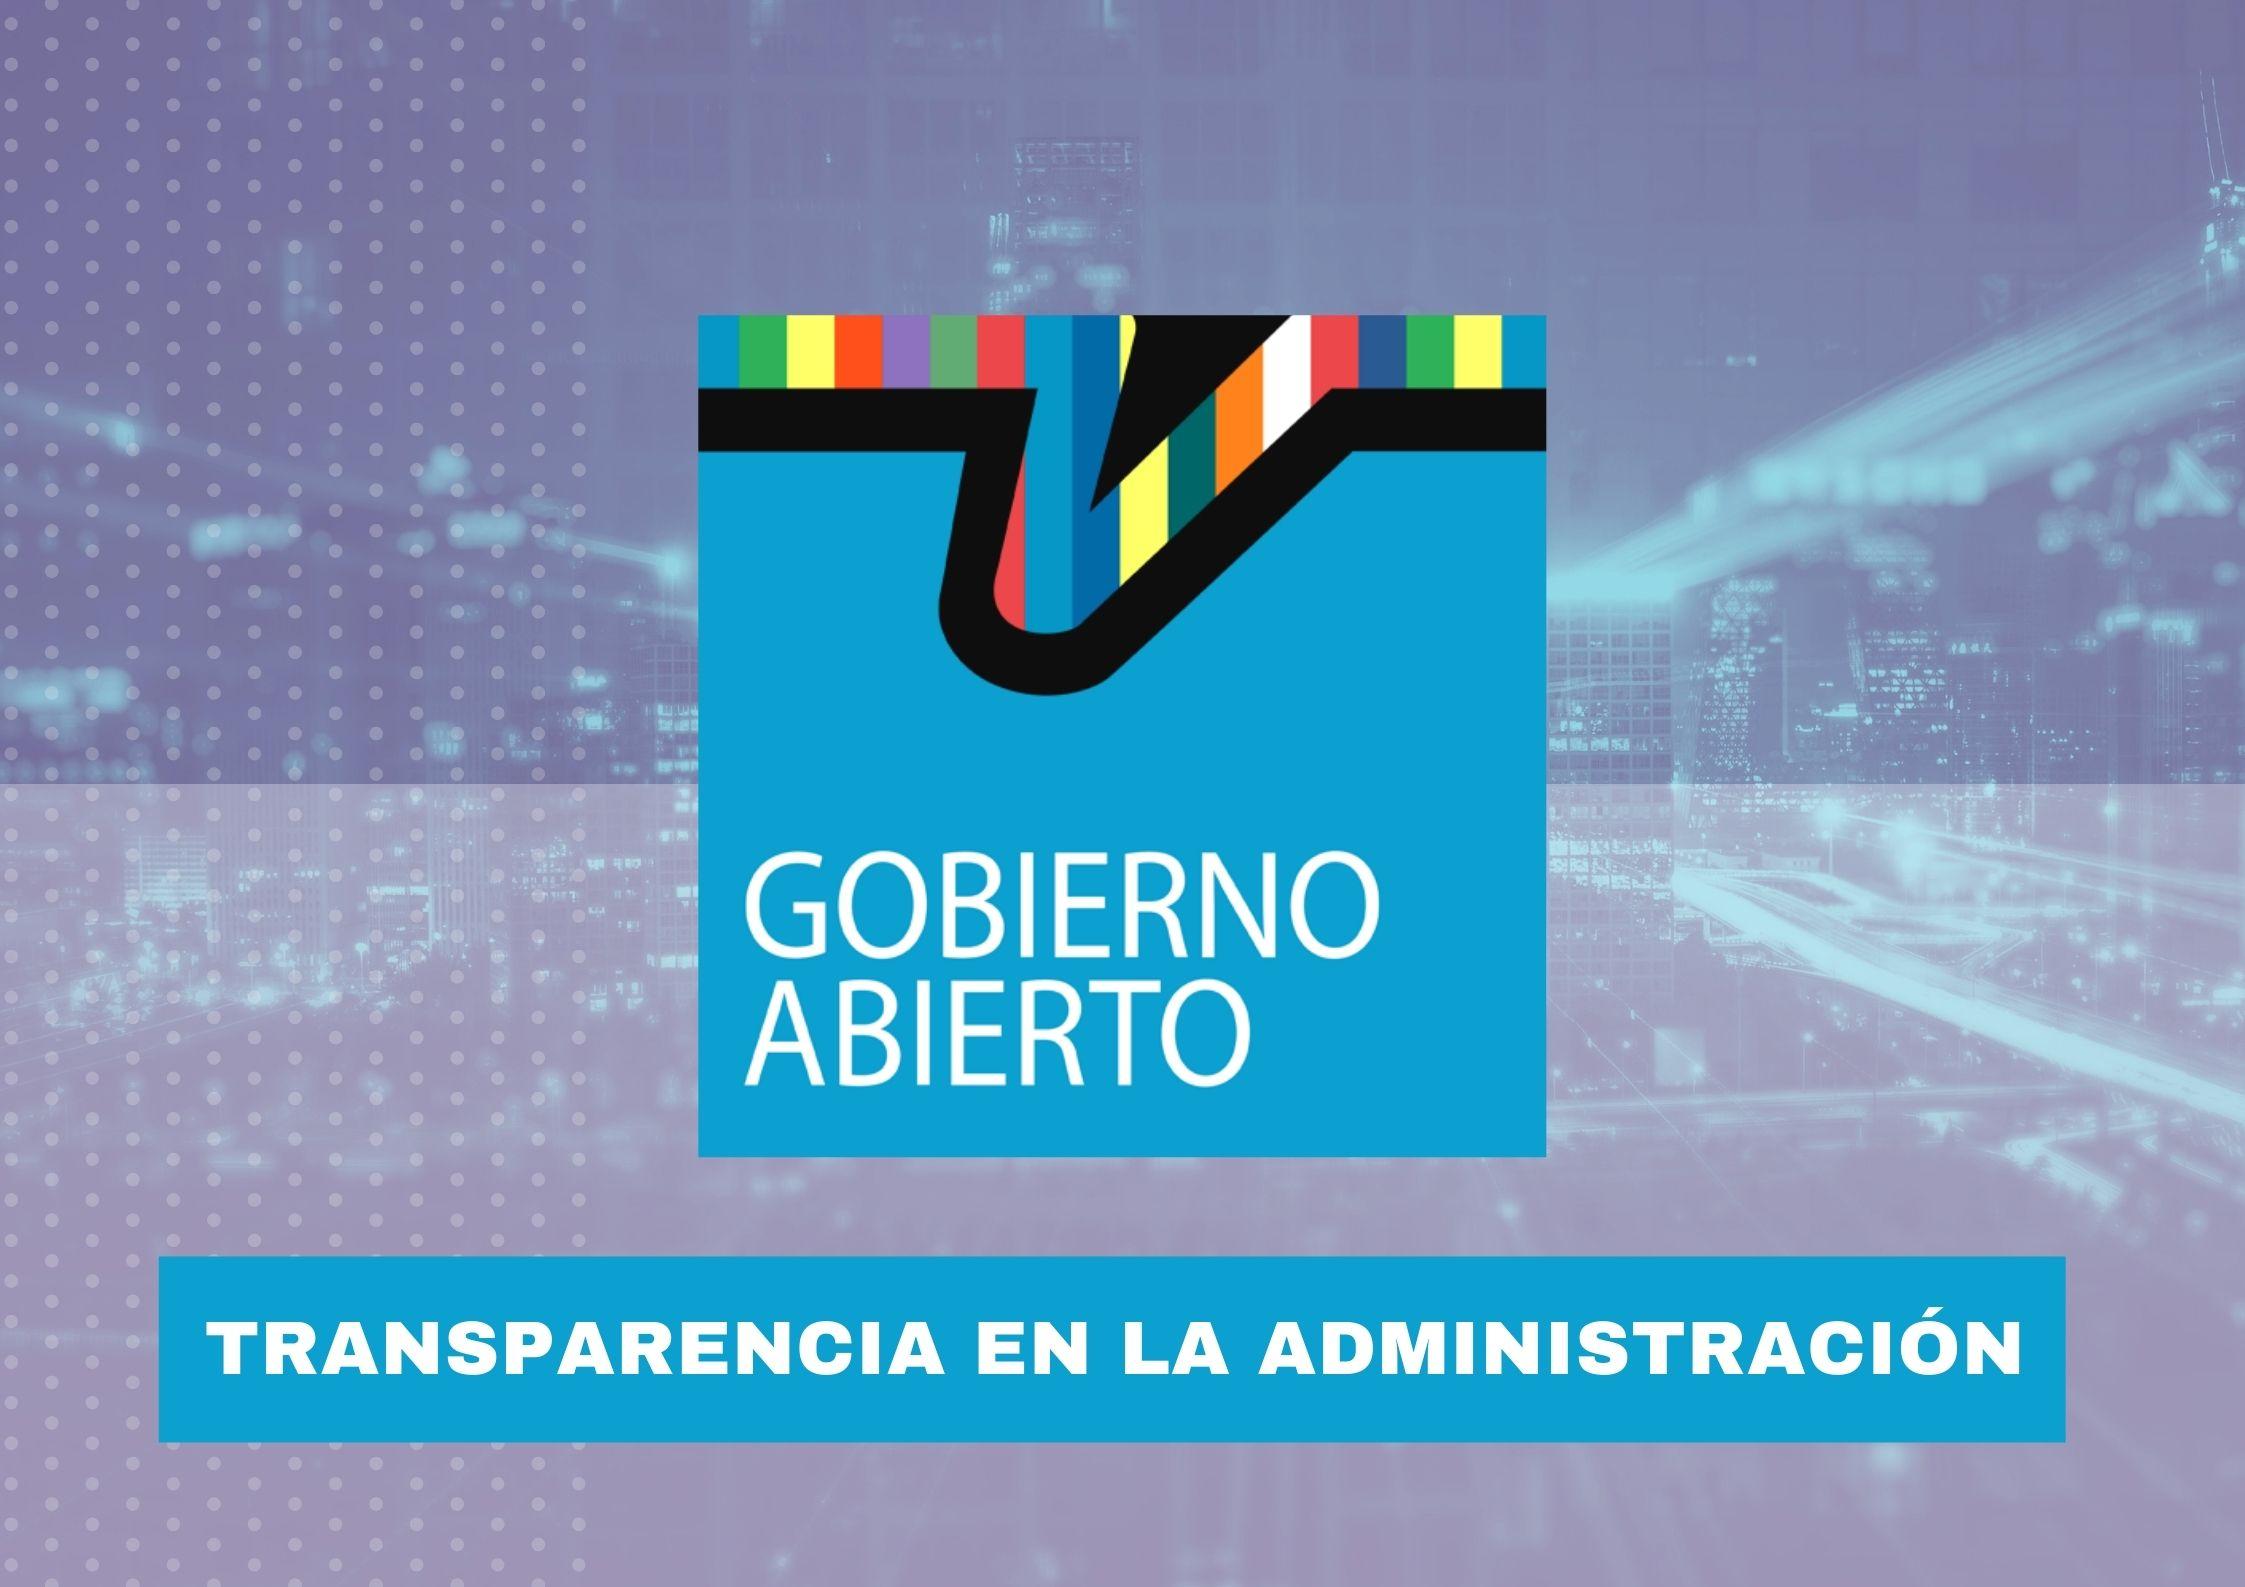 Gobierno abierto: transparencia, participación ciudadana y rendición de cuentas